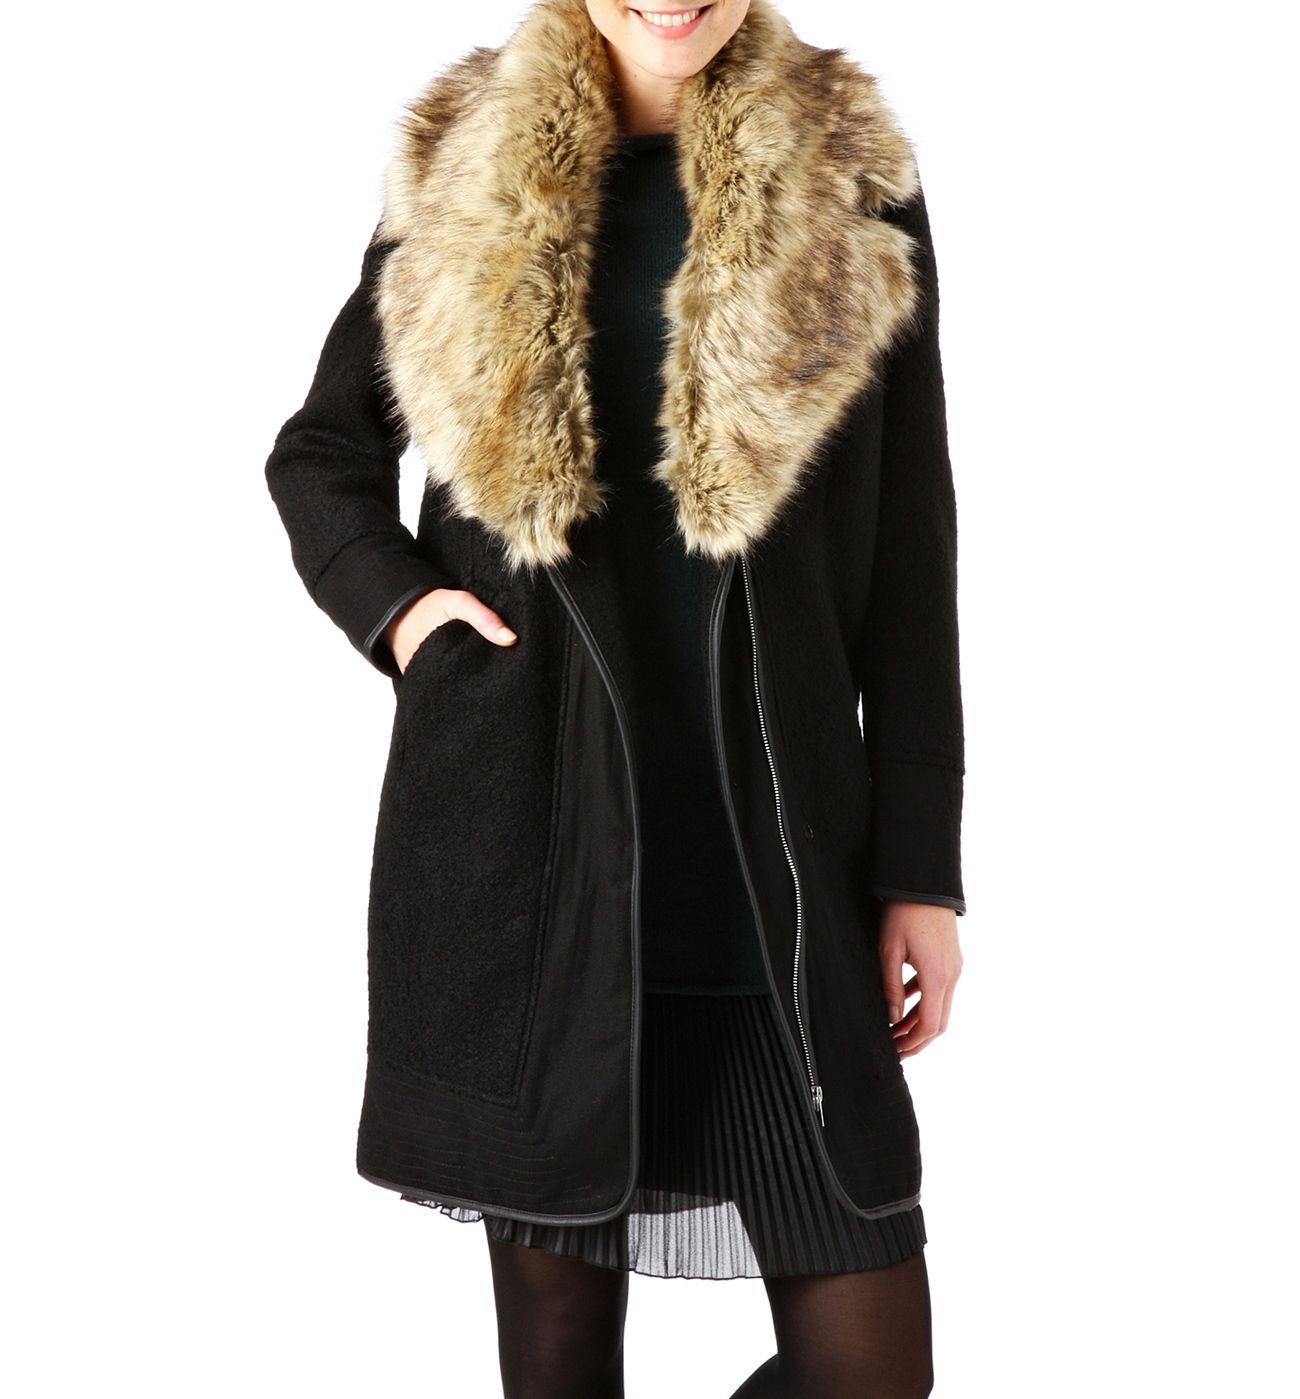 Manteau d'hiver femme pas cher canada